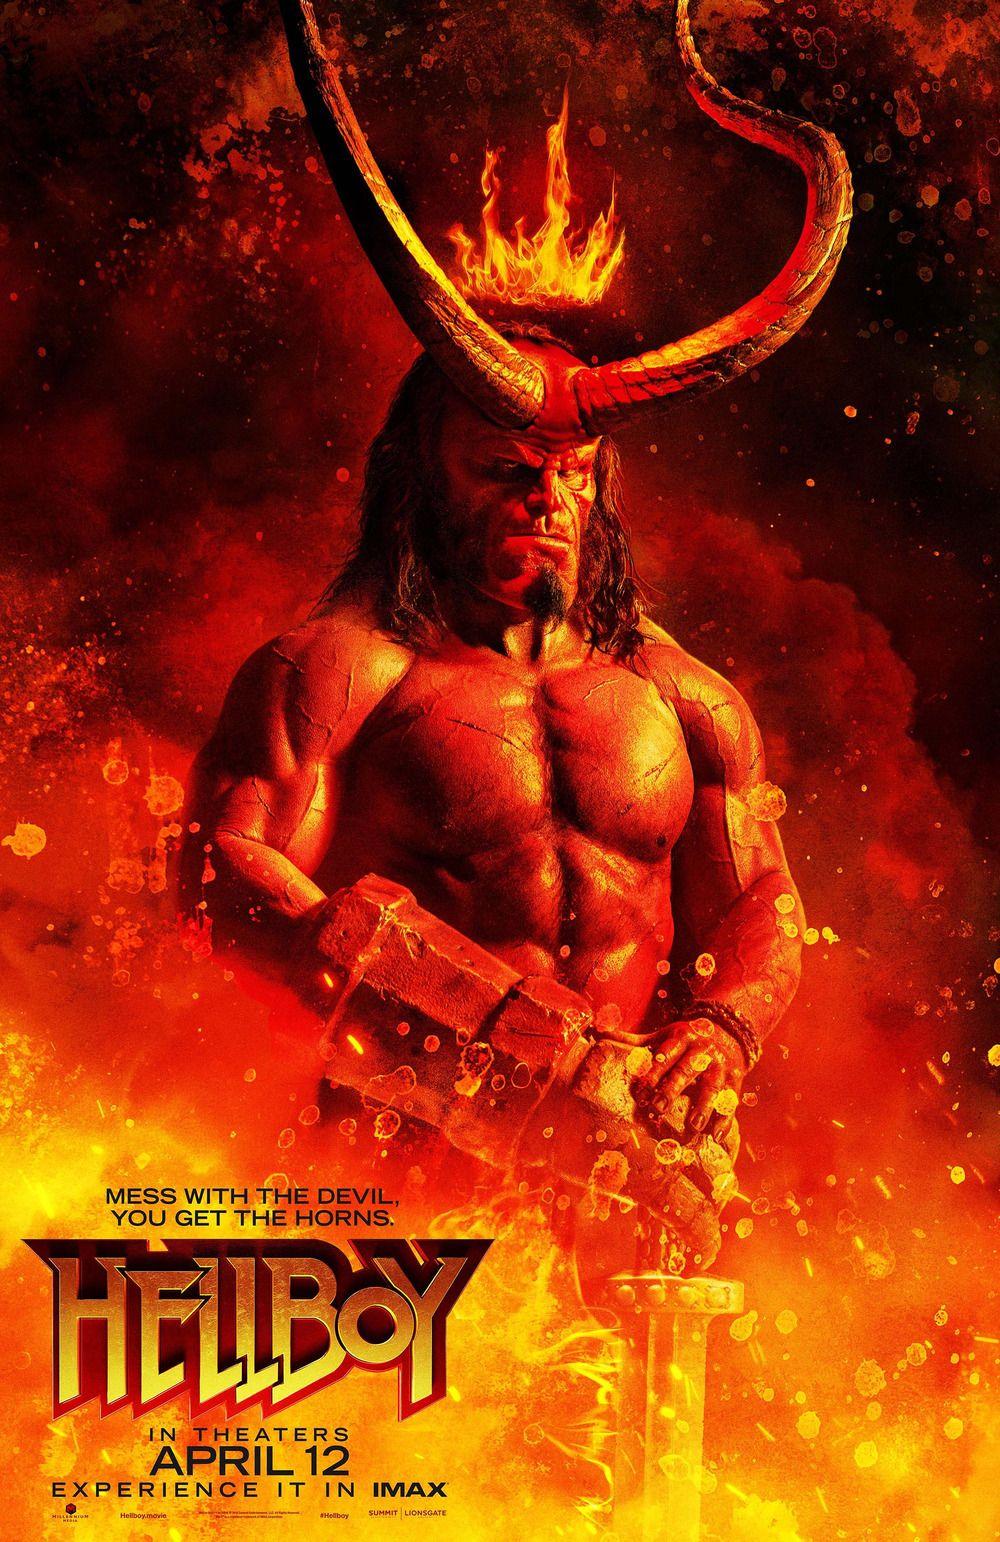 Hellboy With Images Hellboy Movie Hellboy Film Movie Posters